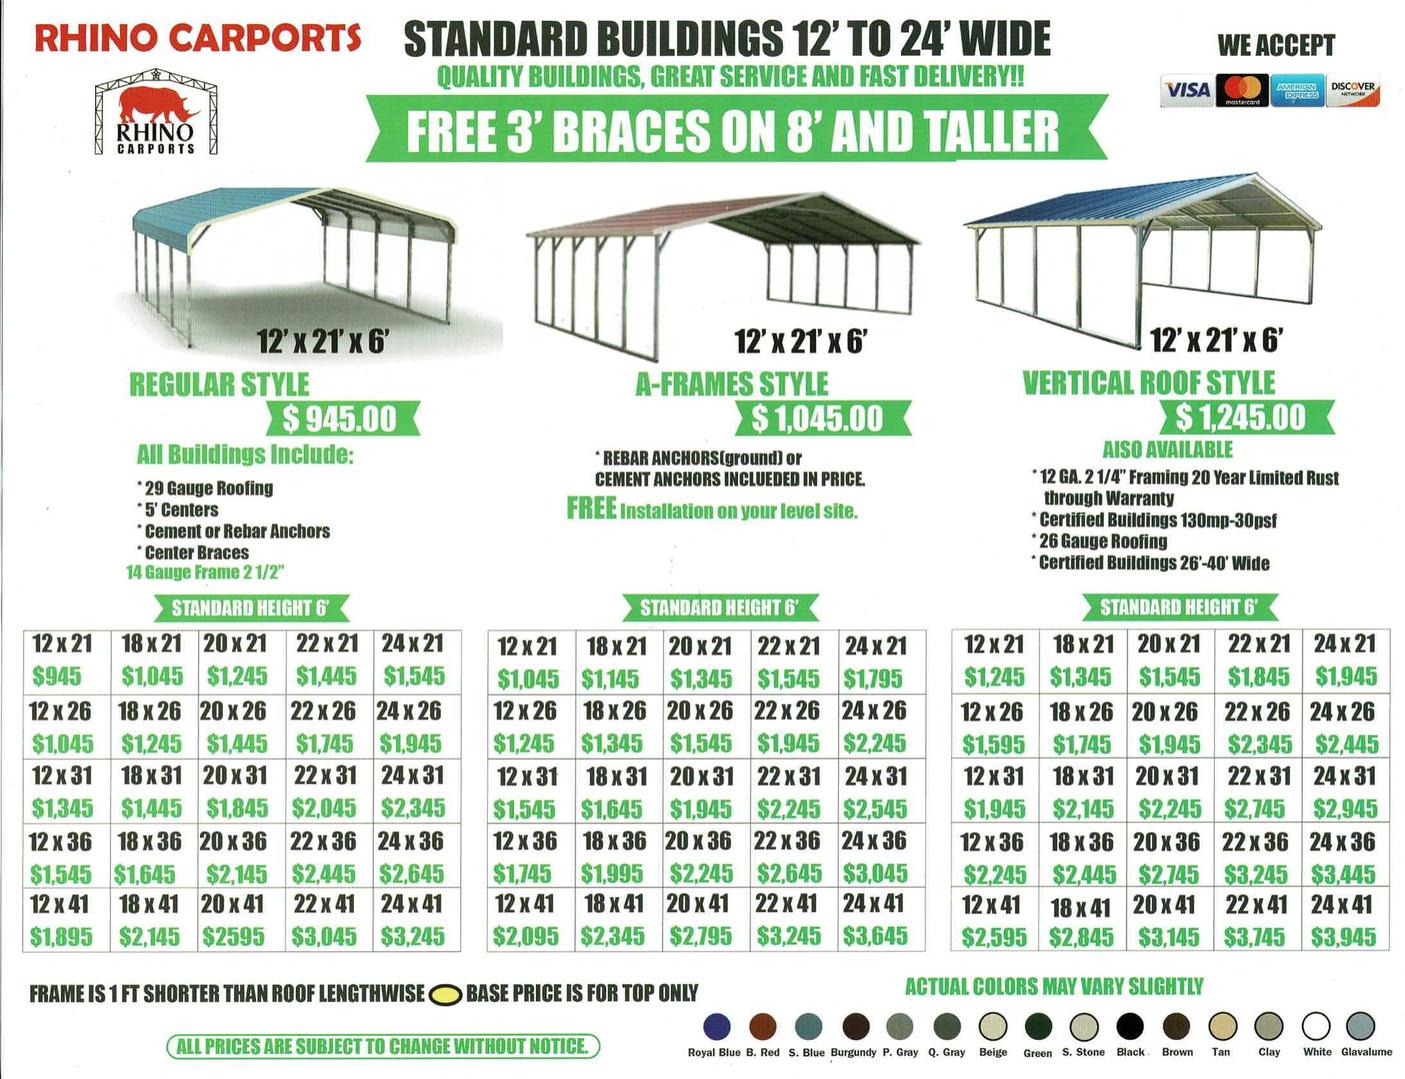 Standard Buildings front_edited.jpg